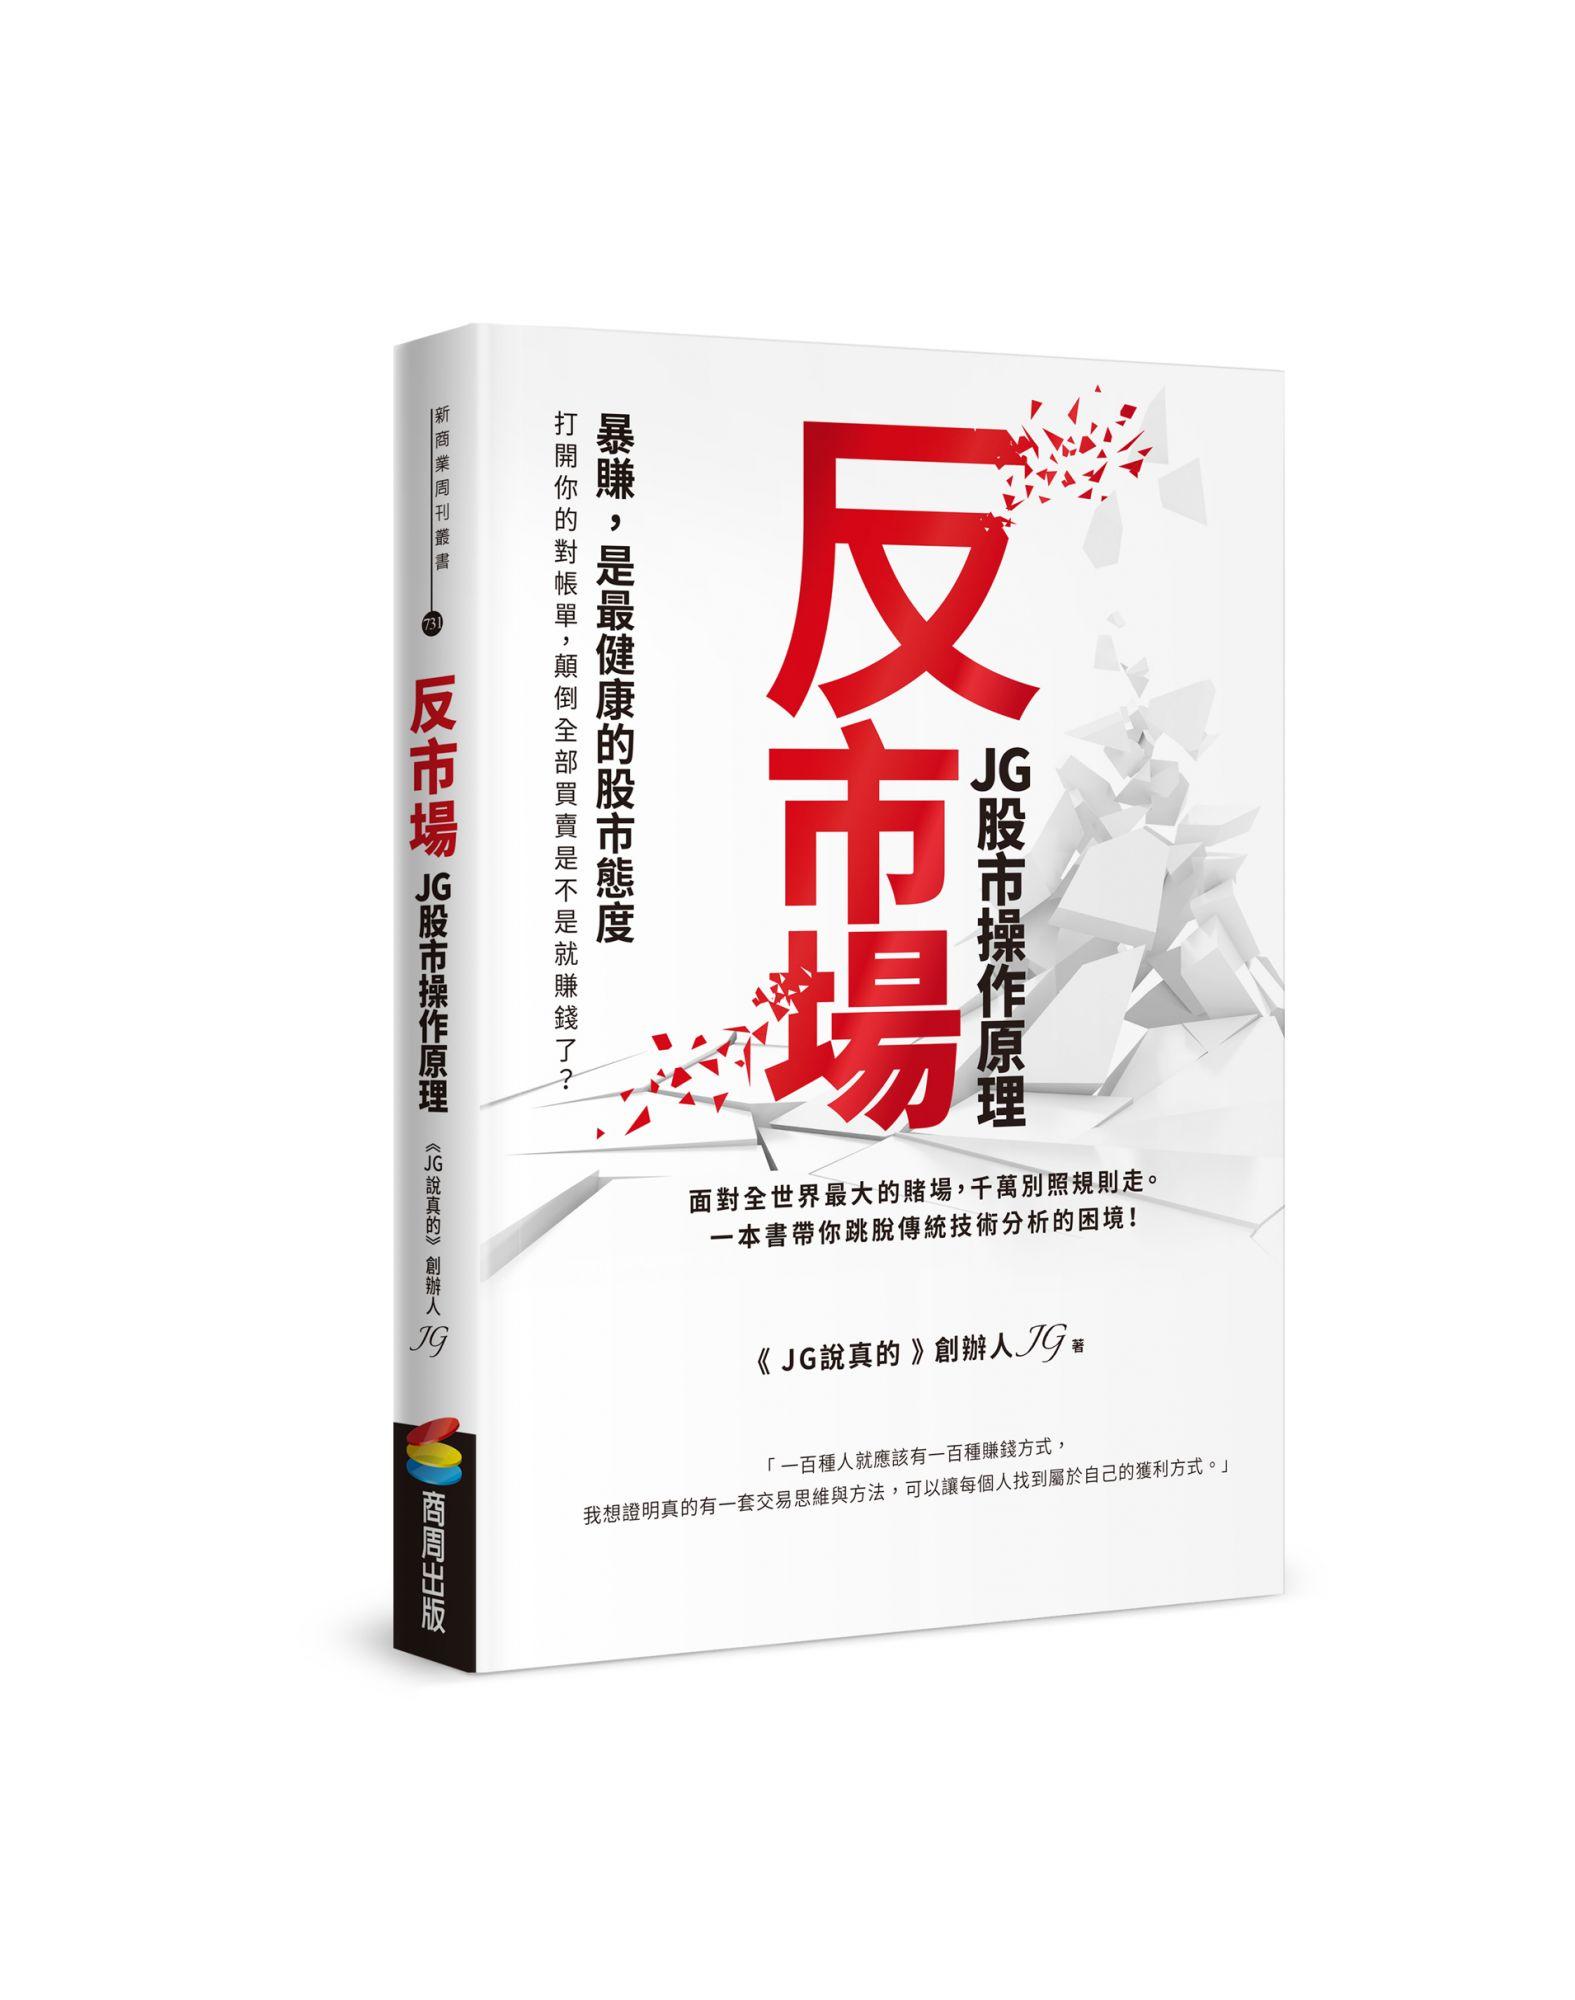 廢中雜談: 主力的思維 - 日本散戶股神cis